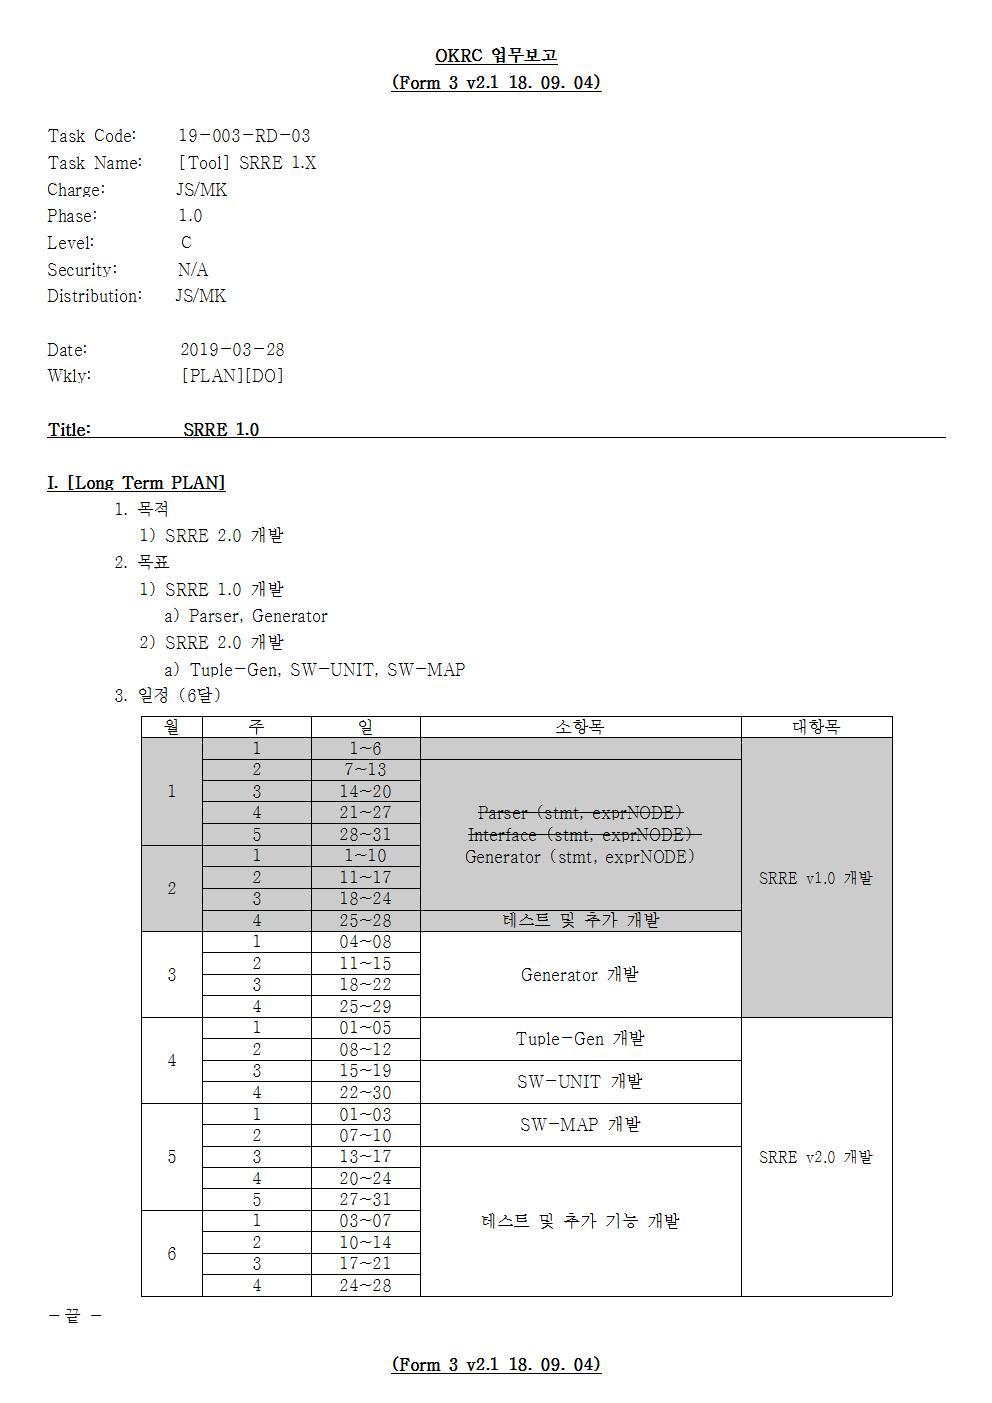 D-[19-003-RD-03]-[Tool-SRRE-1.X]-[2019-03-28][JS]001.jpg